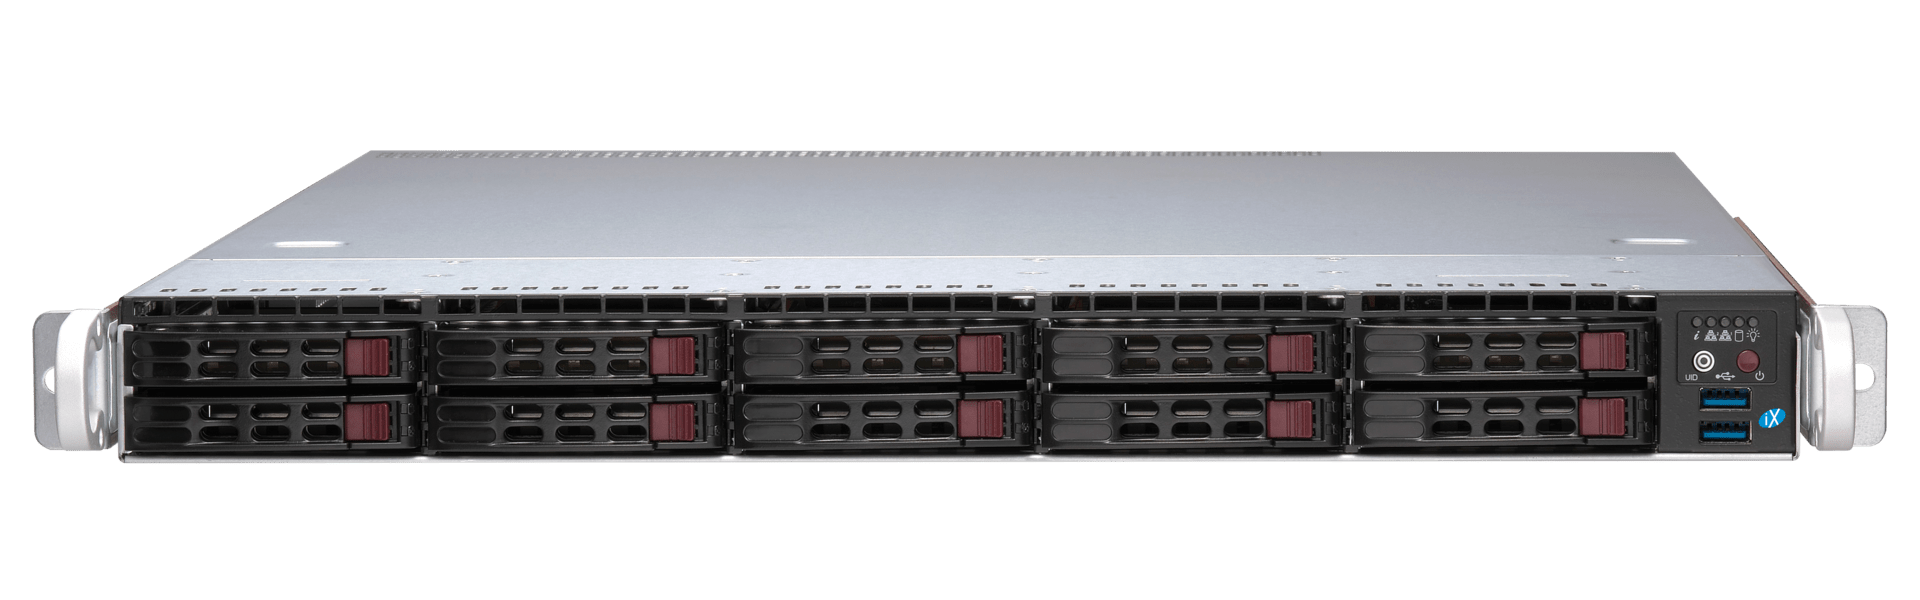 iX-1110A Front